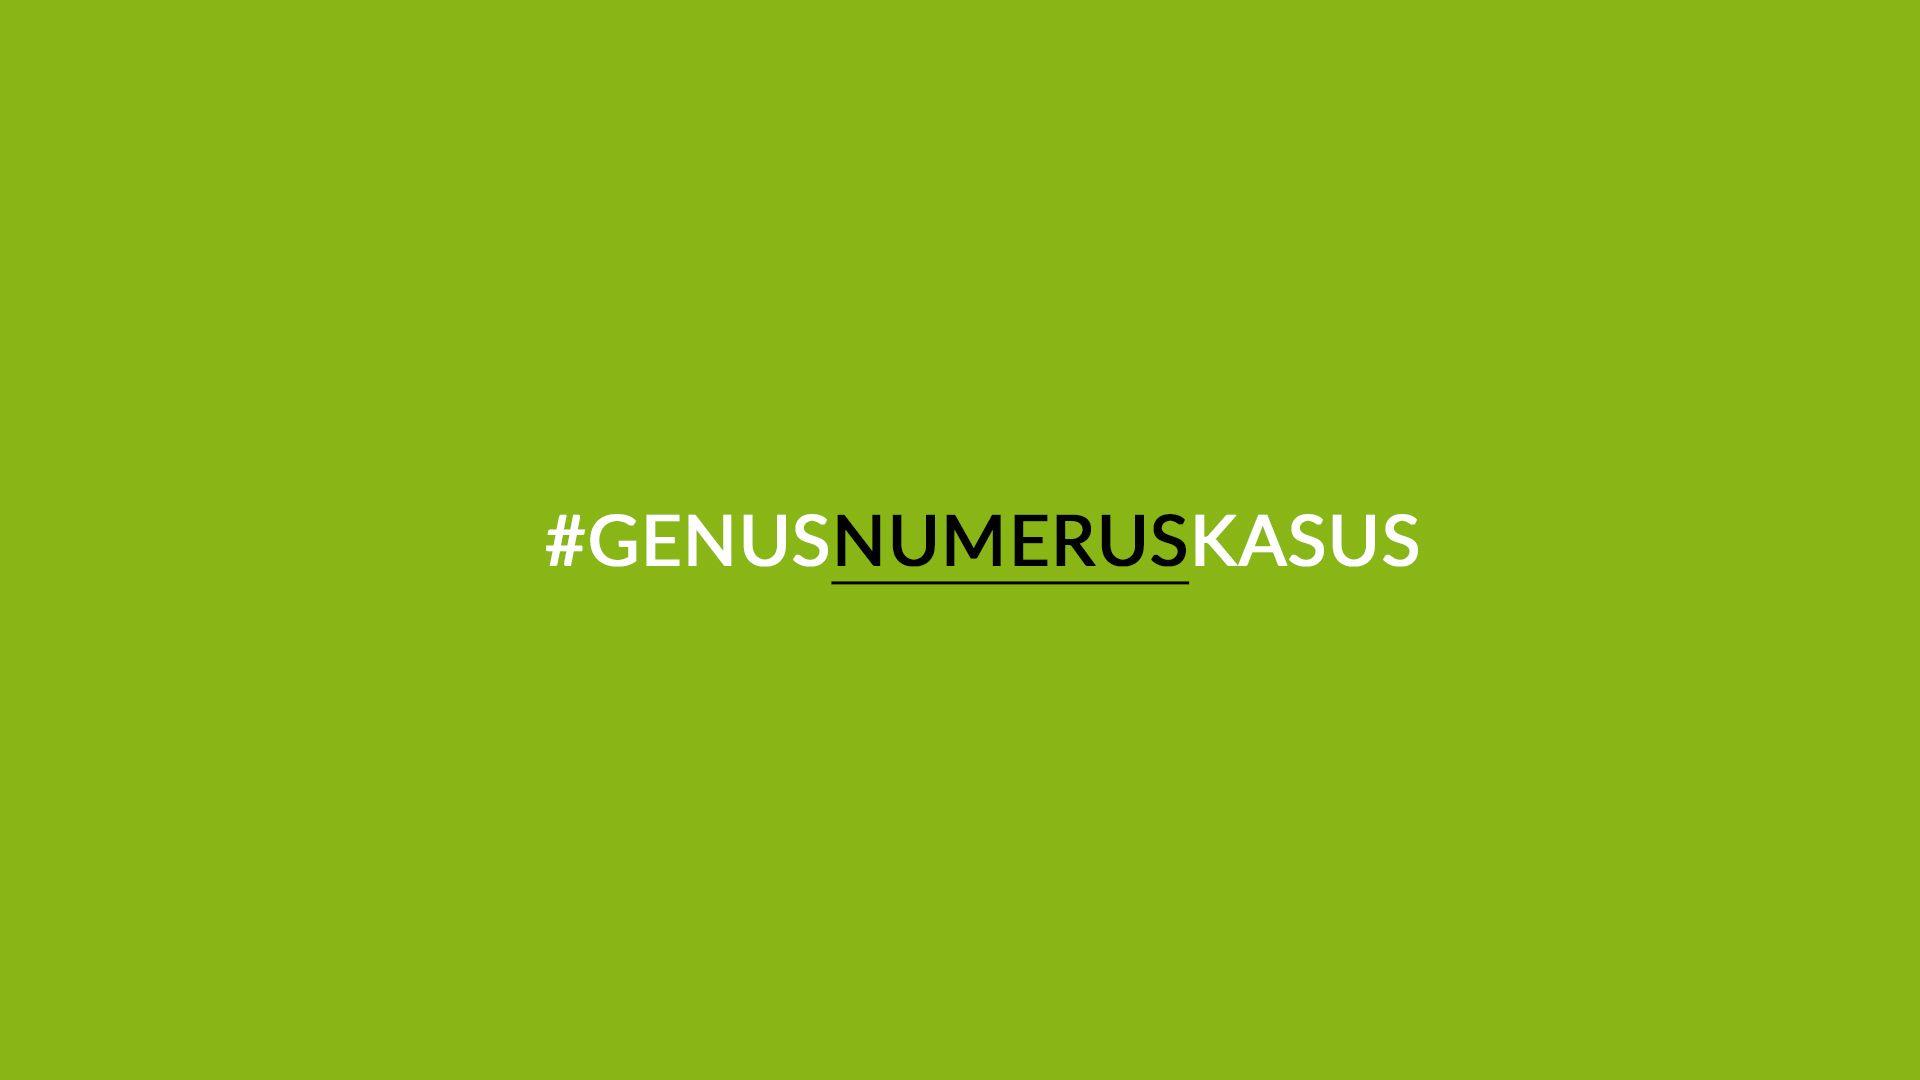 Sprachgeheimnisse: Numerus